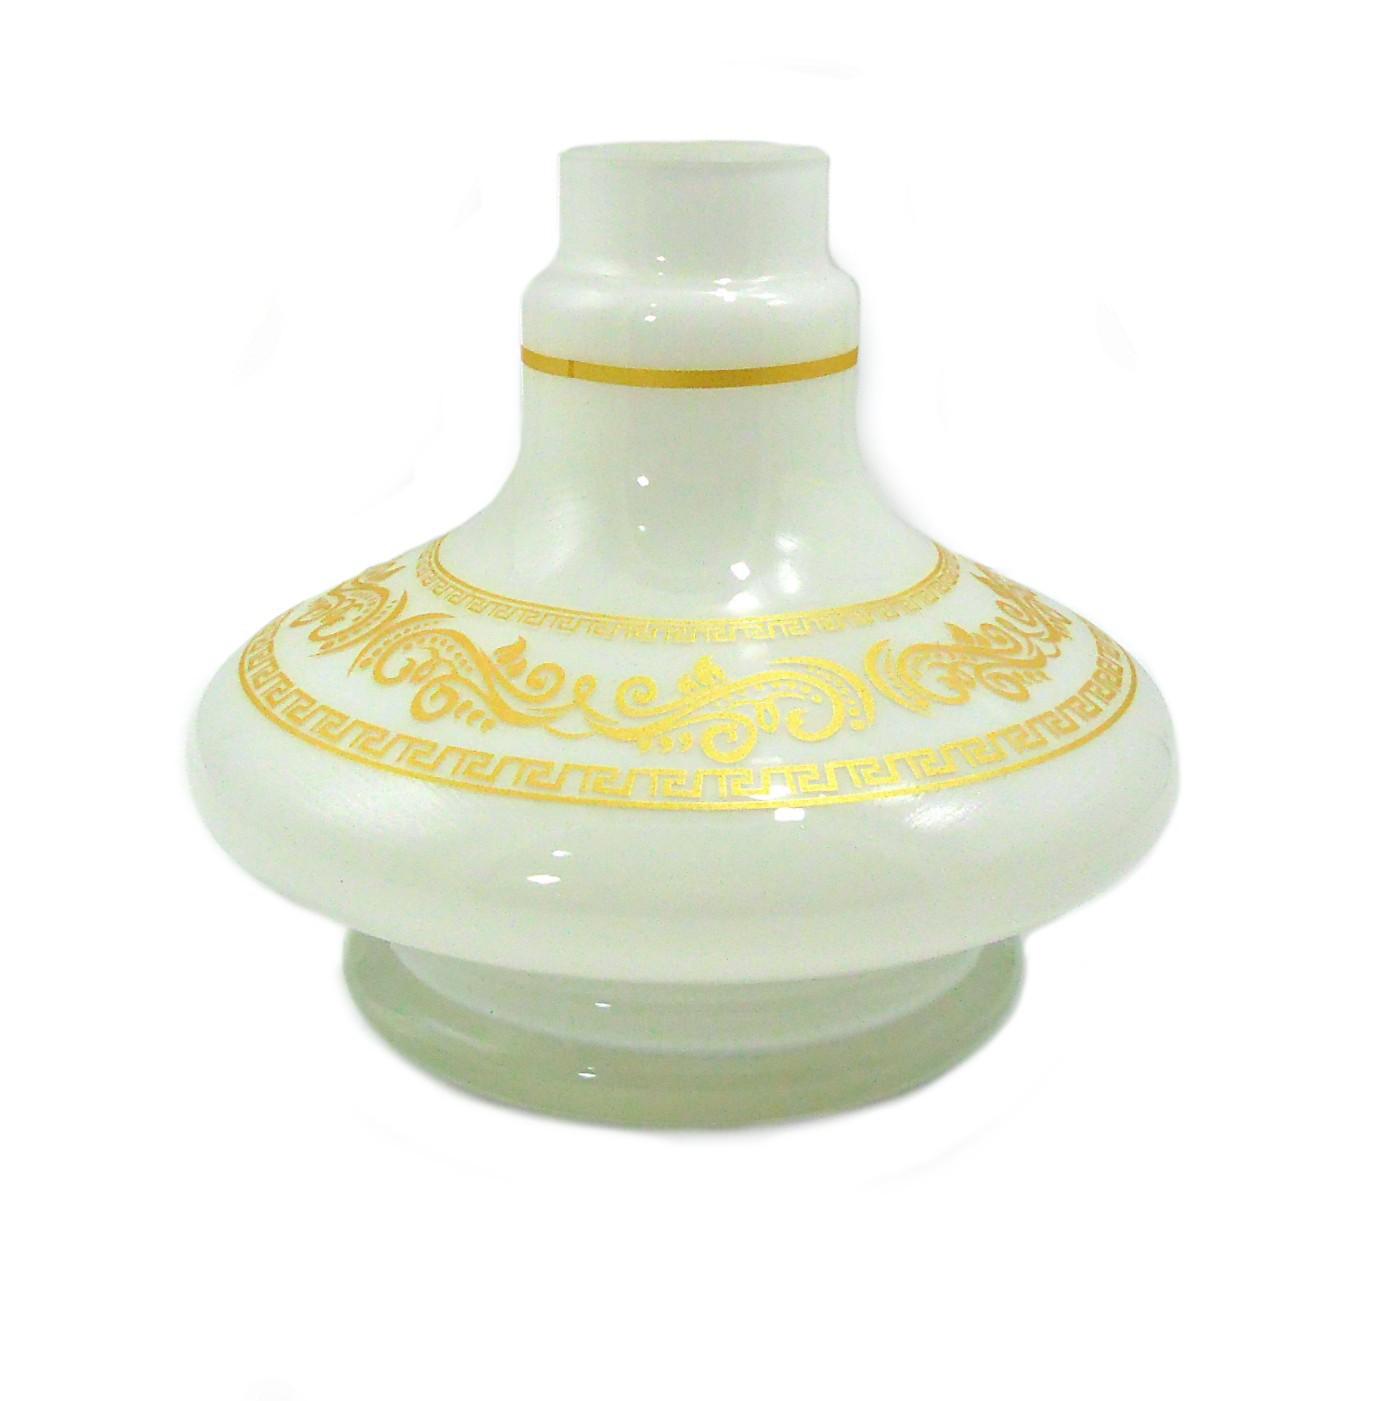 Vaso/base para narguile SHISHA GLASS modelo ALADIN (13,5cm), listras e desenhos dourados. 3,9cm diâm. bocal